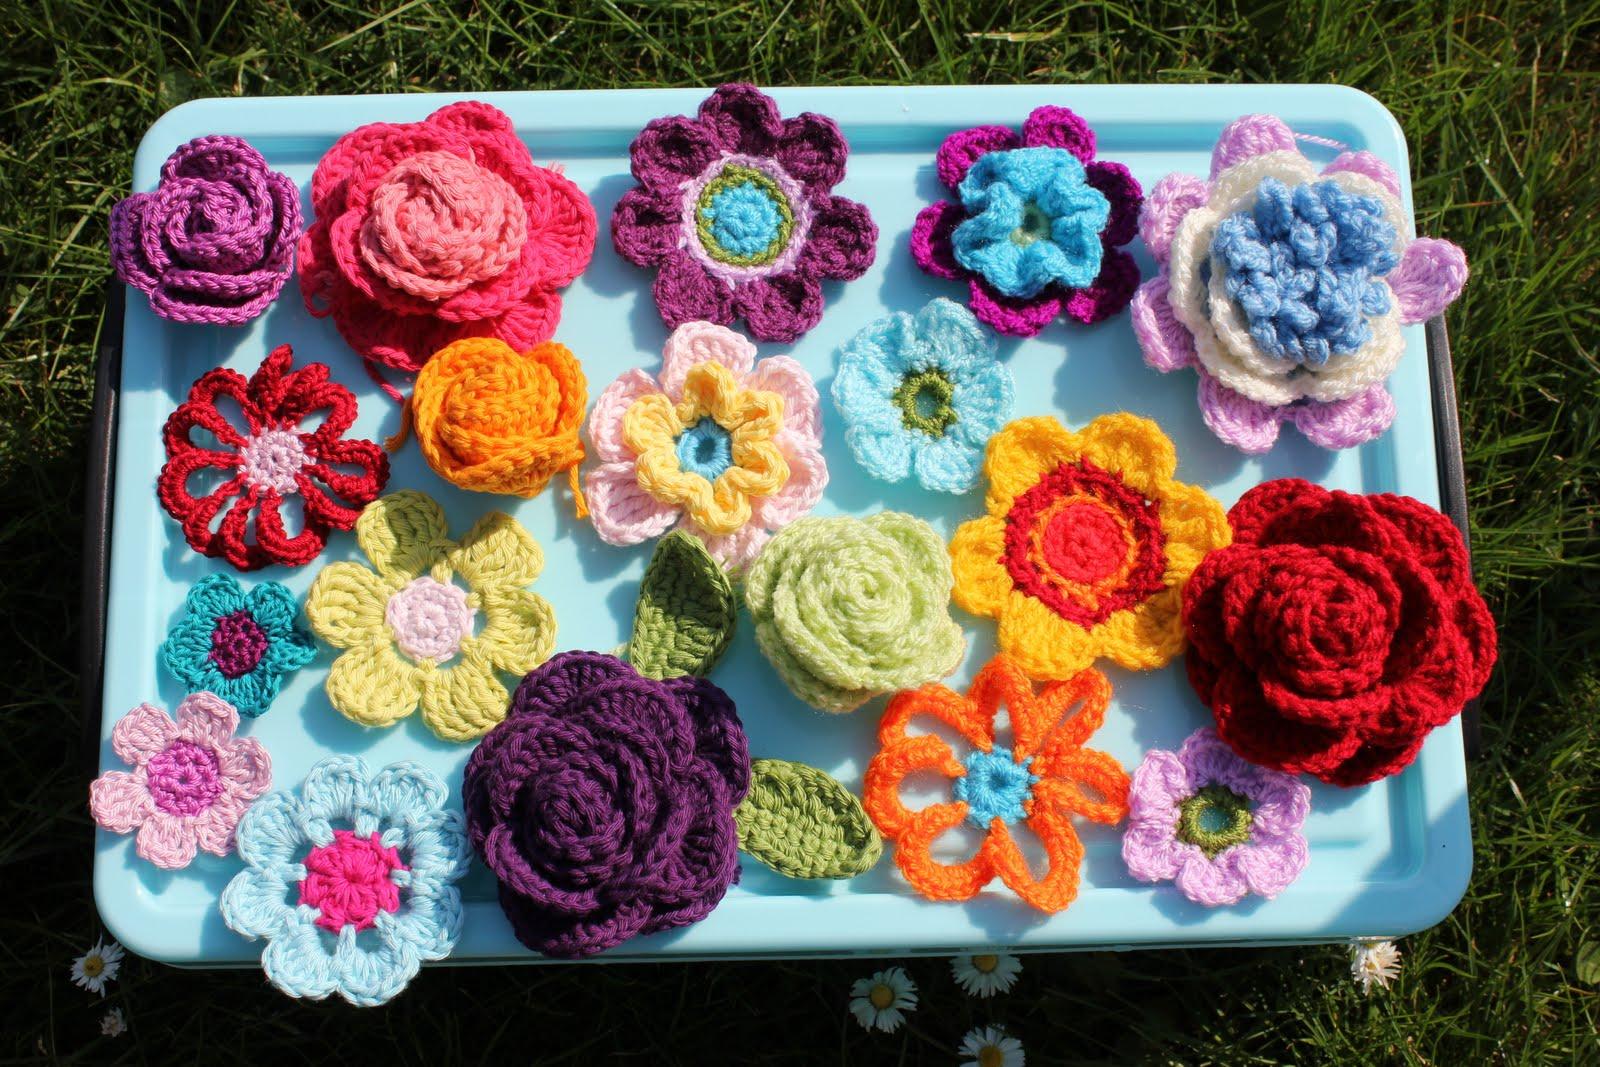 http://1.bp.blogspot.com/-OzmBTkoRo5Y/TcAu55KBw7I/AAAAAAAAANk/Qy9DXu6cAM0/s1600/cotton%2Band%2Bacrylic2.JPG